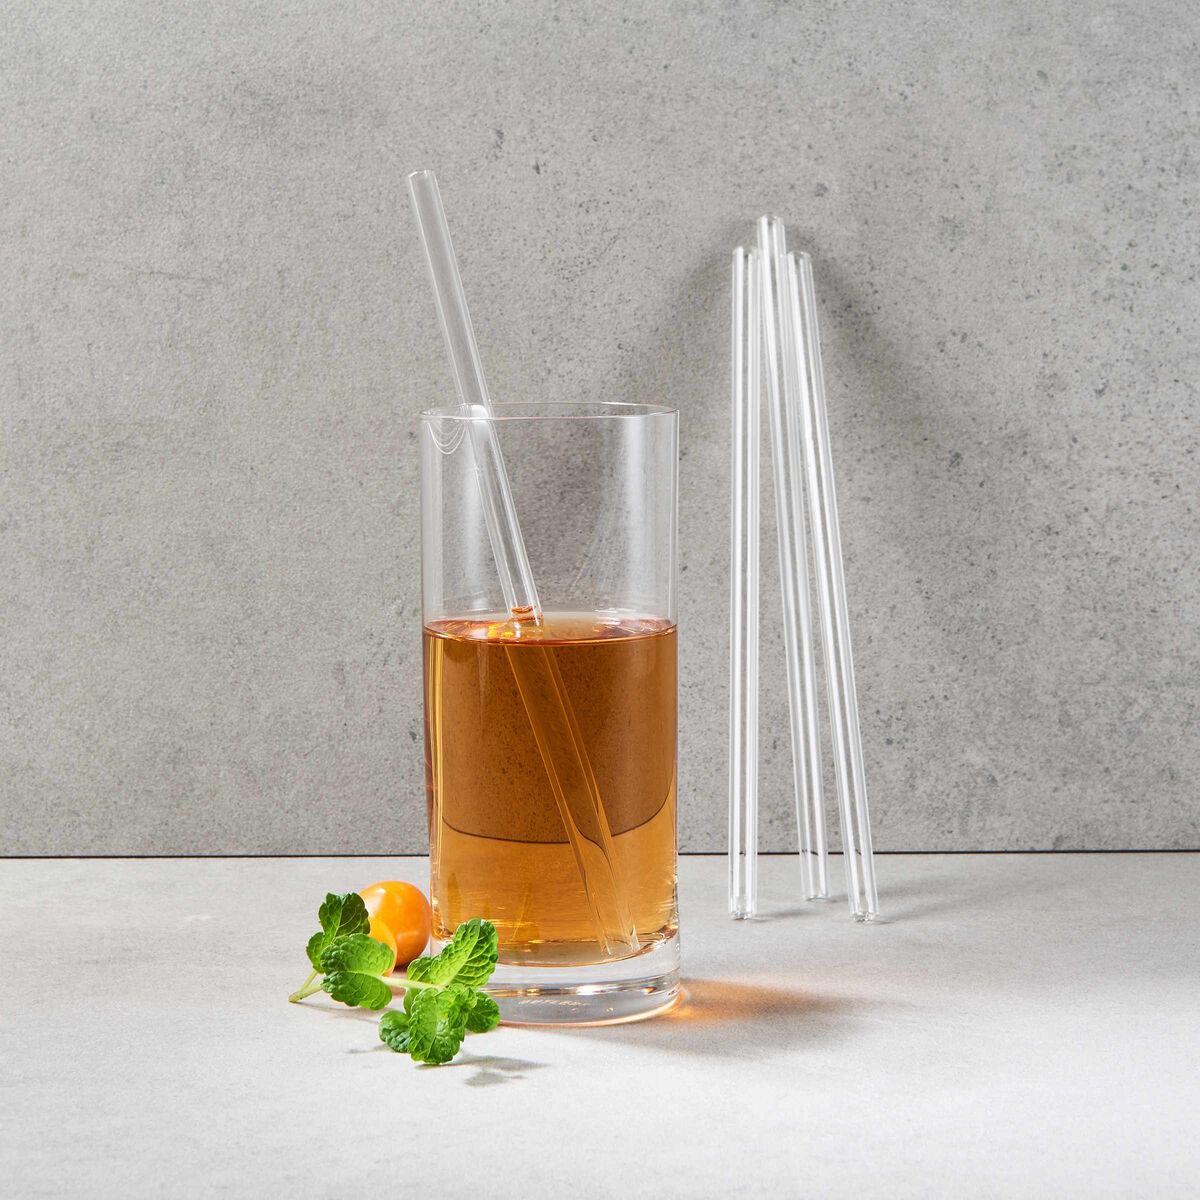 Bild 3 von LONG DRINK Glastrinkhalm mit Bürste 5er-Set